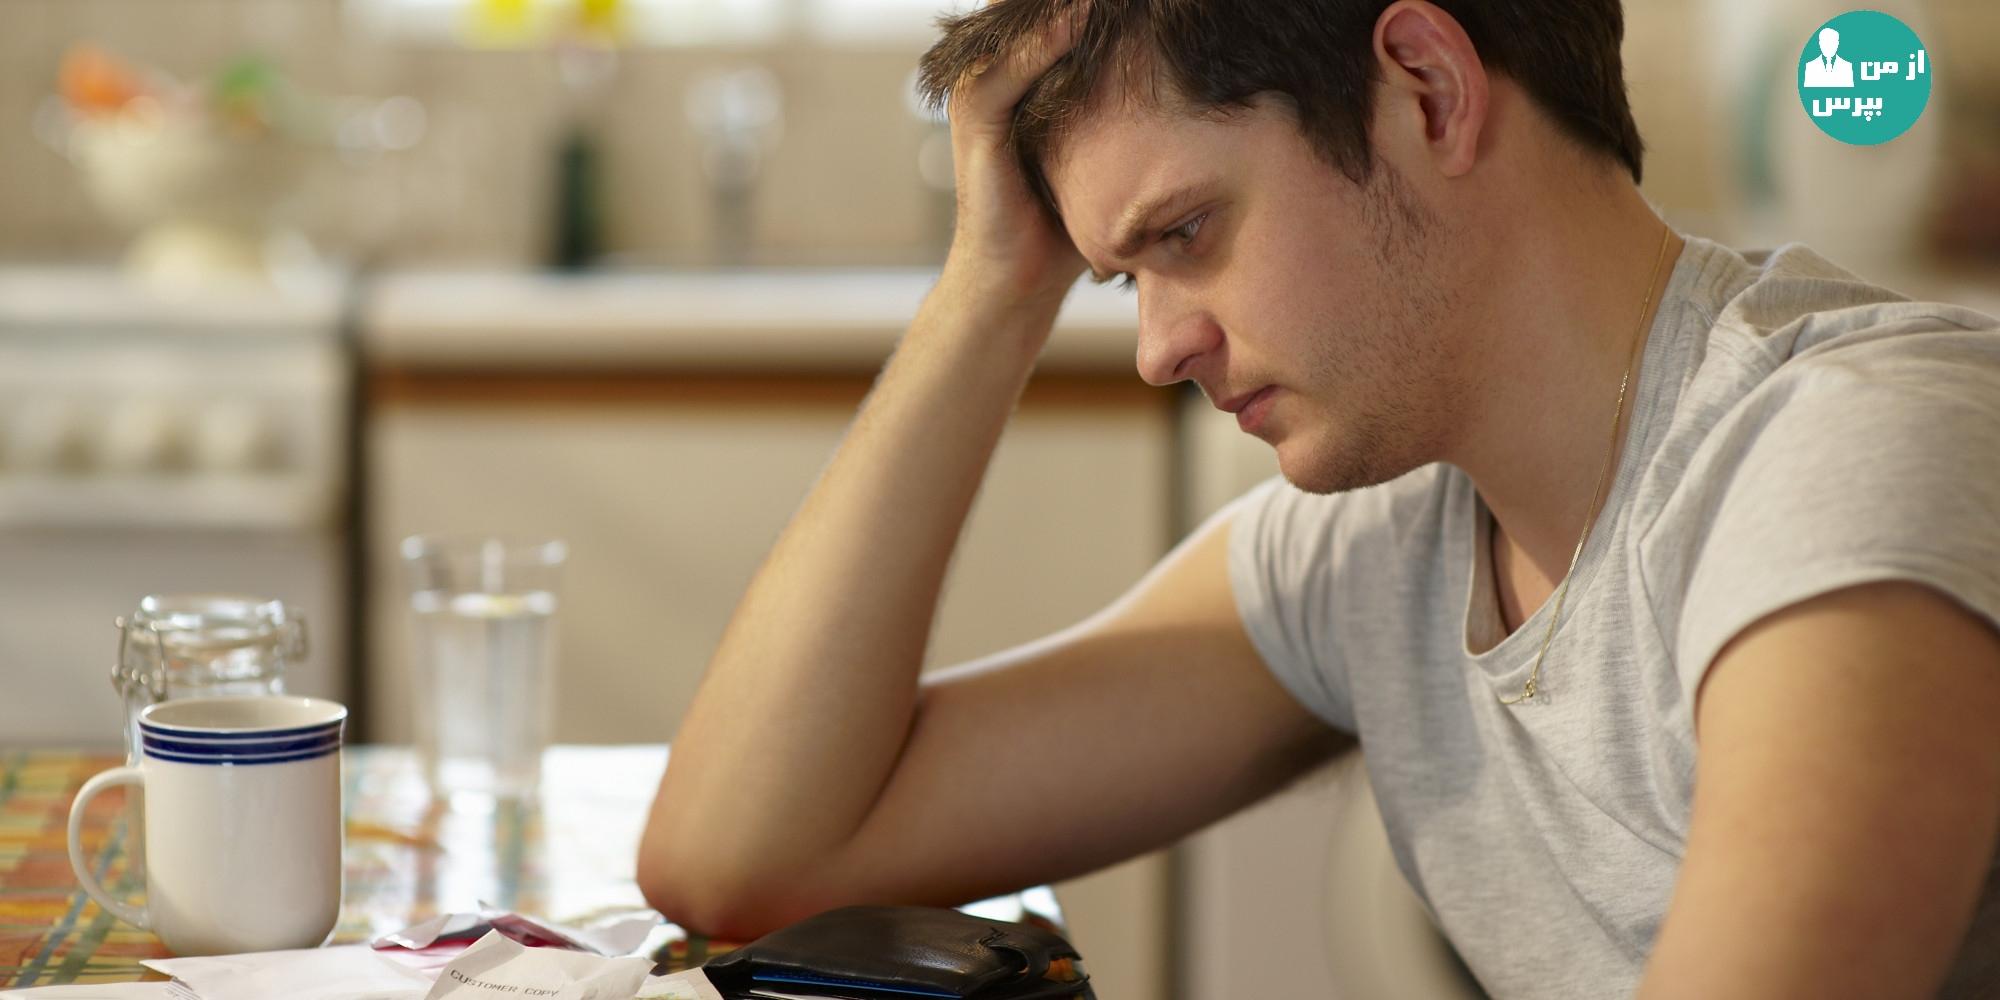 آیا زود انزالی در مردان قابل درمان است؟